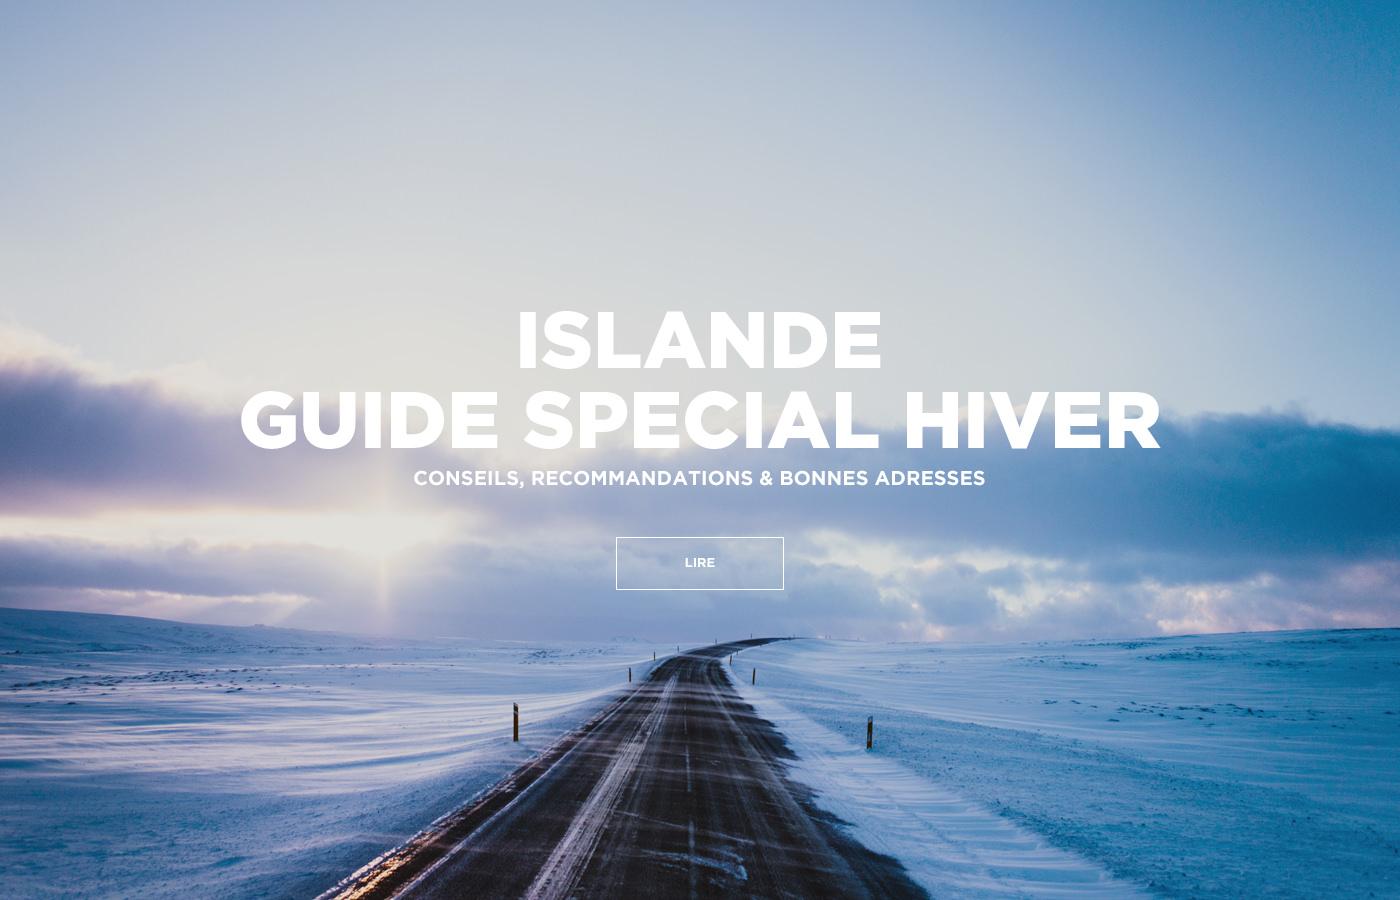 Islande - Guide Special Hiver